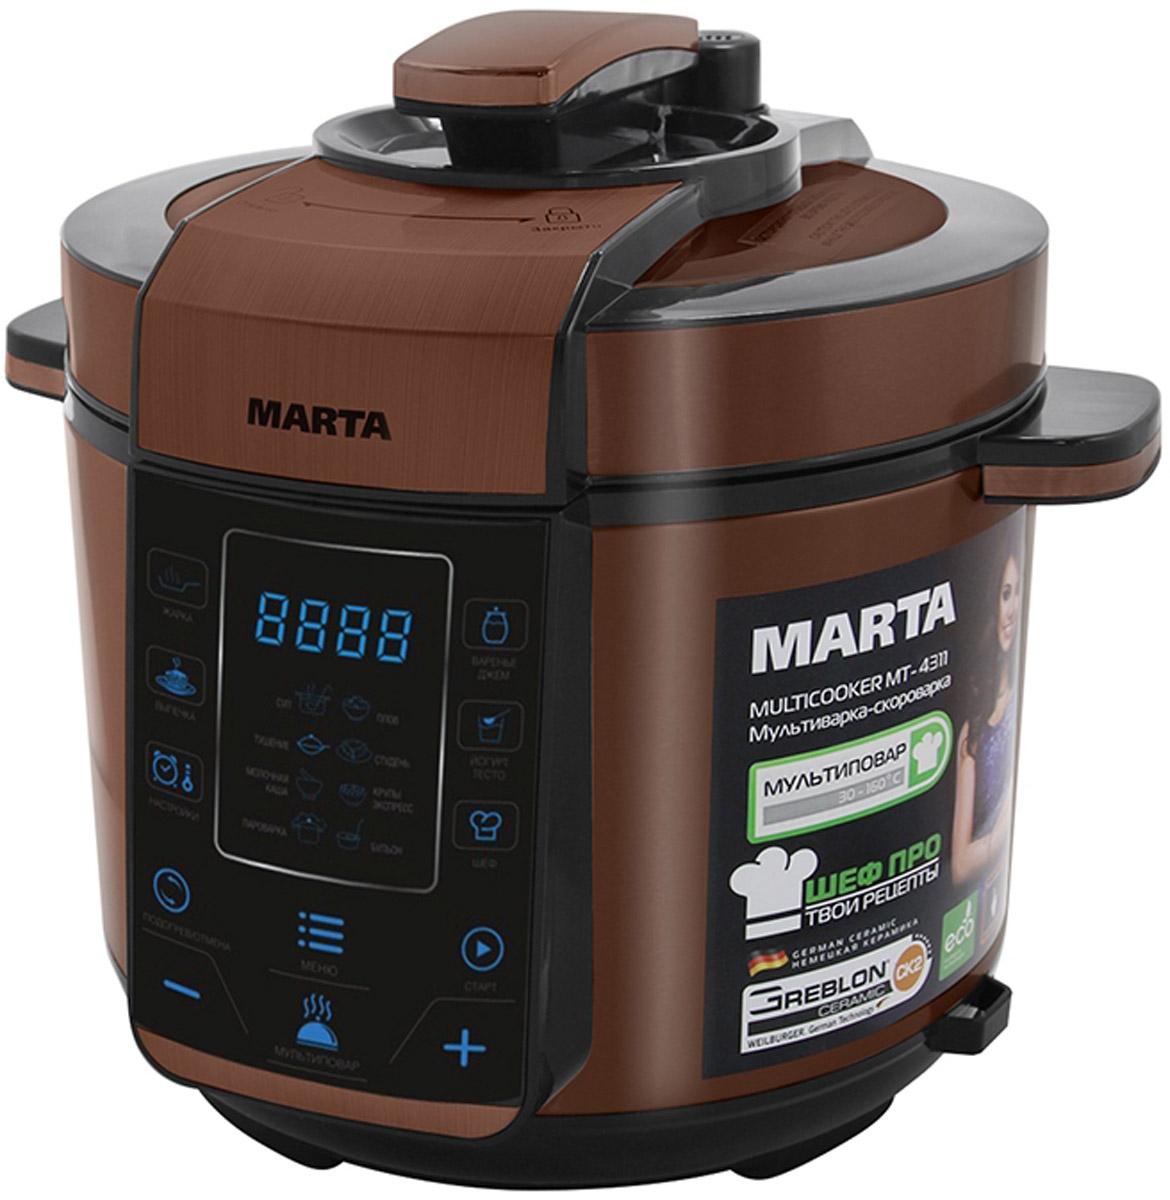 Marta MT-4311, Black Cooper мультиваркаMT-4311MARTA представляет новую уникальную мультиварку-скороварку, обладающую совершенным дизайном и всеми возможными функциями. Это настоящий прибор 2 в 1 - мультиварка и скороварка! Он позволяет готовить с давлением и без давления.МАRТА МТ-4311 комплектуется толстостенной чашей с немецким керамическим покрытием GREBLON CK2. Главной особенностью модели МАRТА МТ-4311 является то, что это универсальное устройство, которое совмещает функции мультиварки и скороварки. В ней есть программы, которые используют технологию приготовления пищи под давлением, а есть программы, присущие простым мультиваркам, в которых приготовление происходит без давления. Ваше блюдо никогда не подгорит, сохранит свой вкус, аромат и витамины. Сенсорное управление позволит с легкостью управляться 30 программами приготовления, из которых 14 - полностью автоматическая: 9 работают в режиме скороварки, а 5 - в режиме мультиварки. Остальные 16 программ настраиваются вручную. А для полного раскрытия кулинарного таланта - программа мультиповар в комбинации с программой ШЕФ и функцией ШЕФ ПРО! Откройте для себя новые кулинарные возможности со скороварками MARTA!